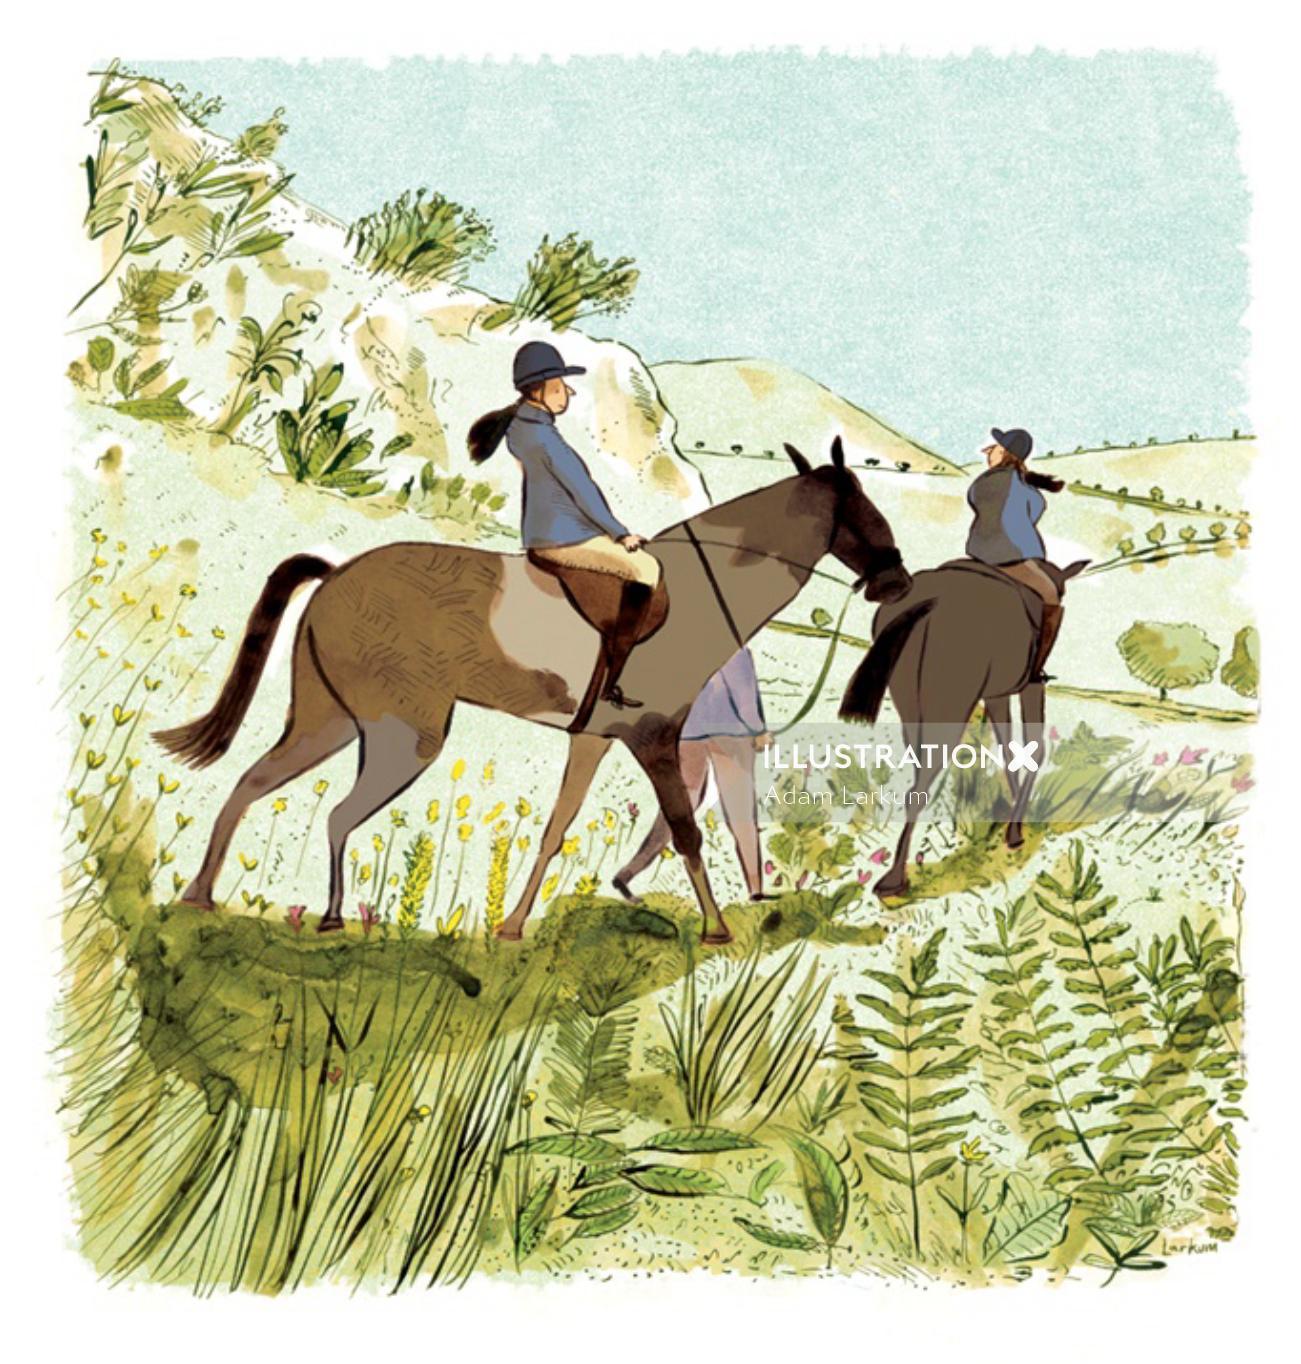 Graphic design of horse riding